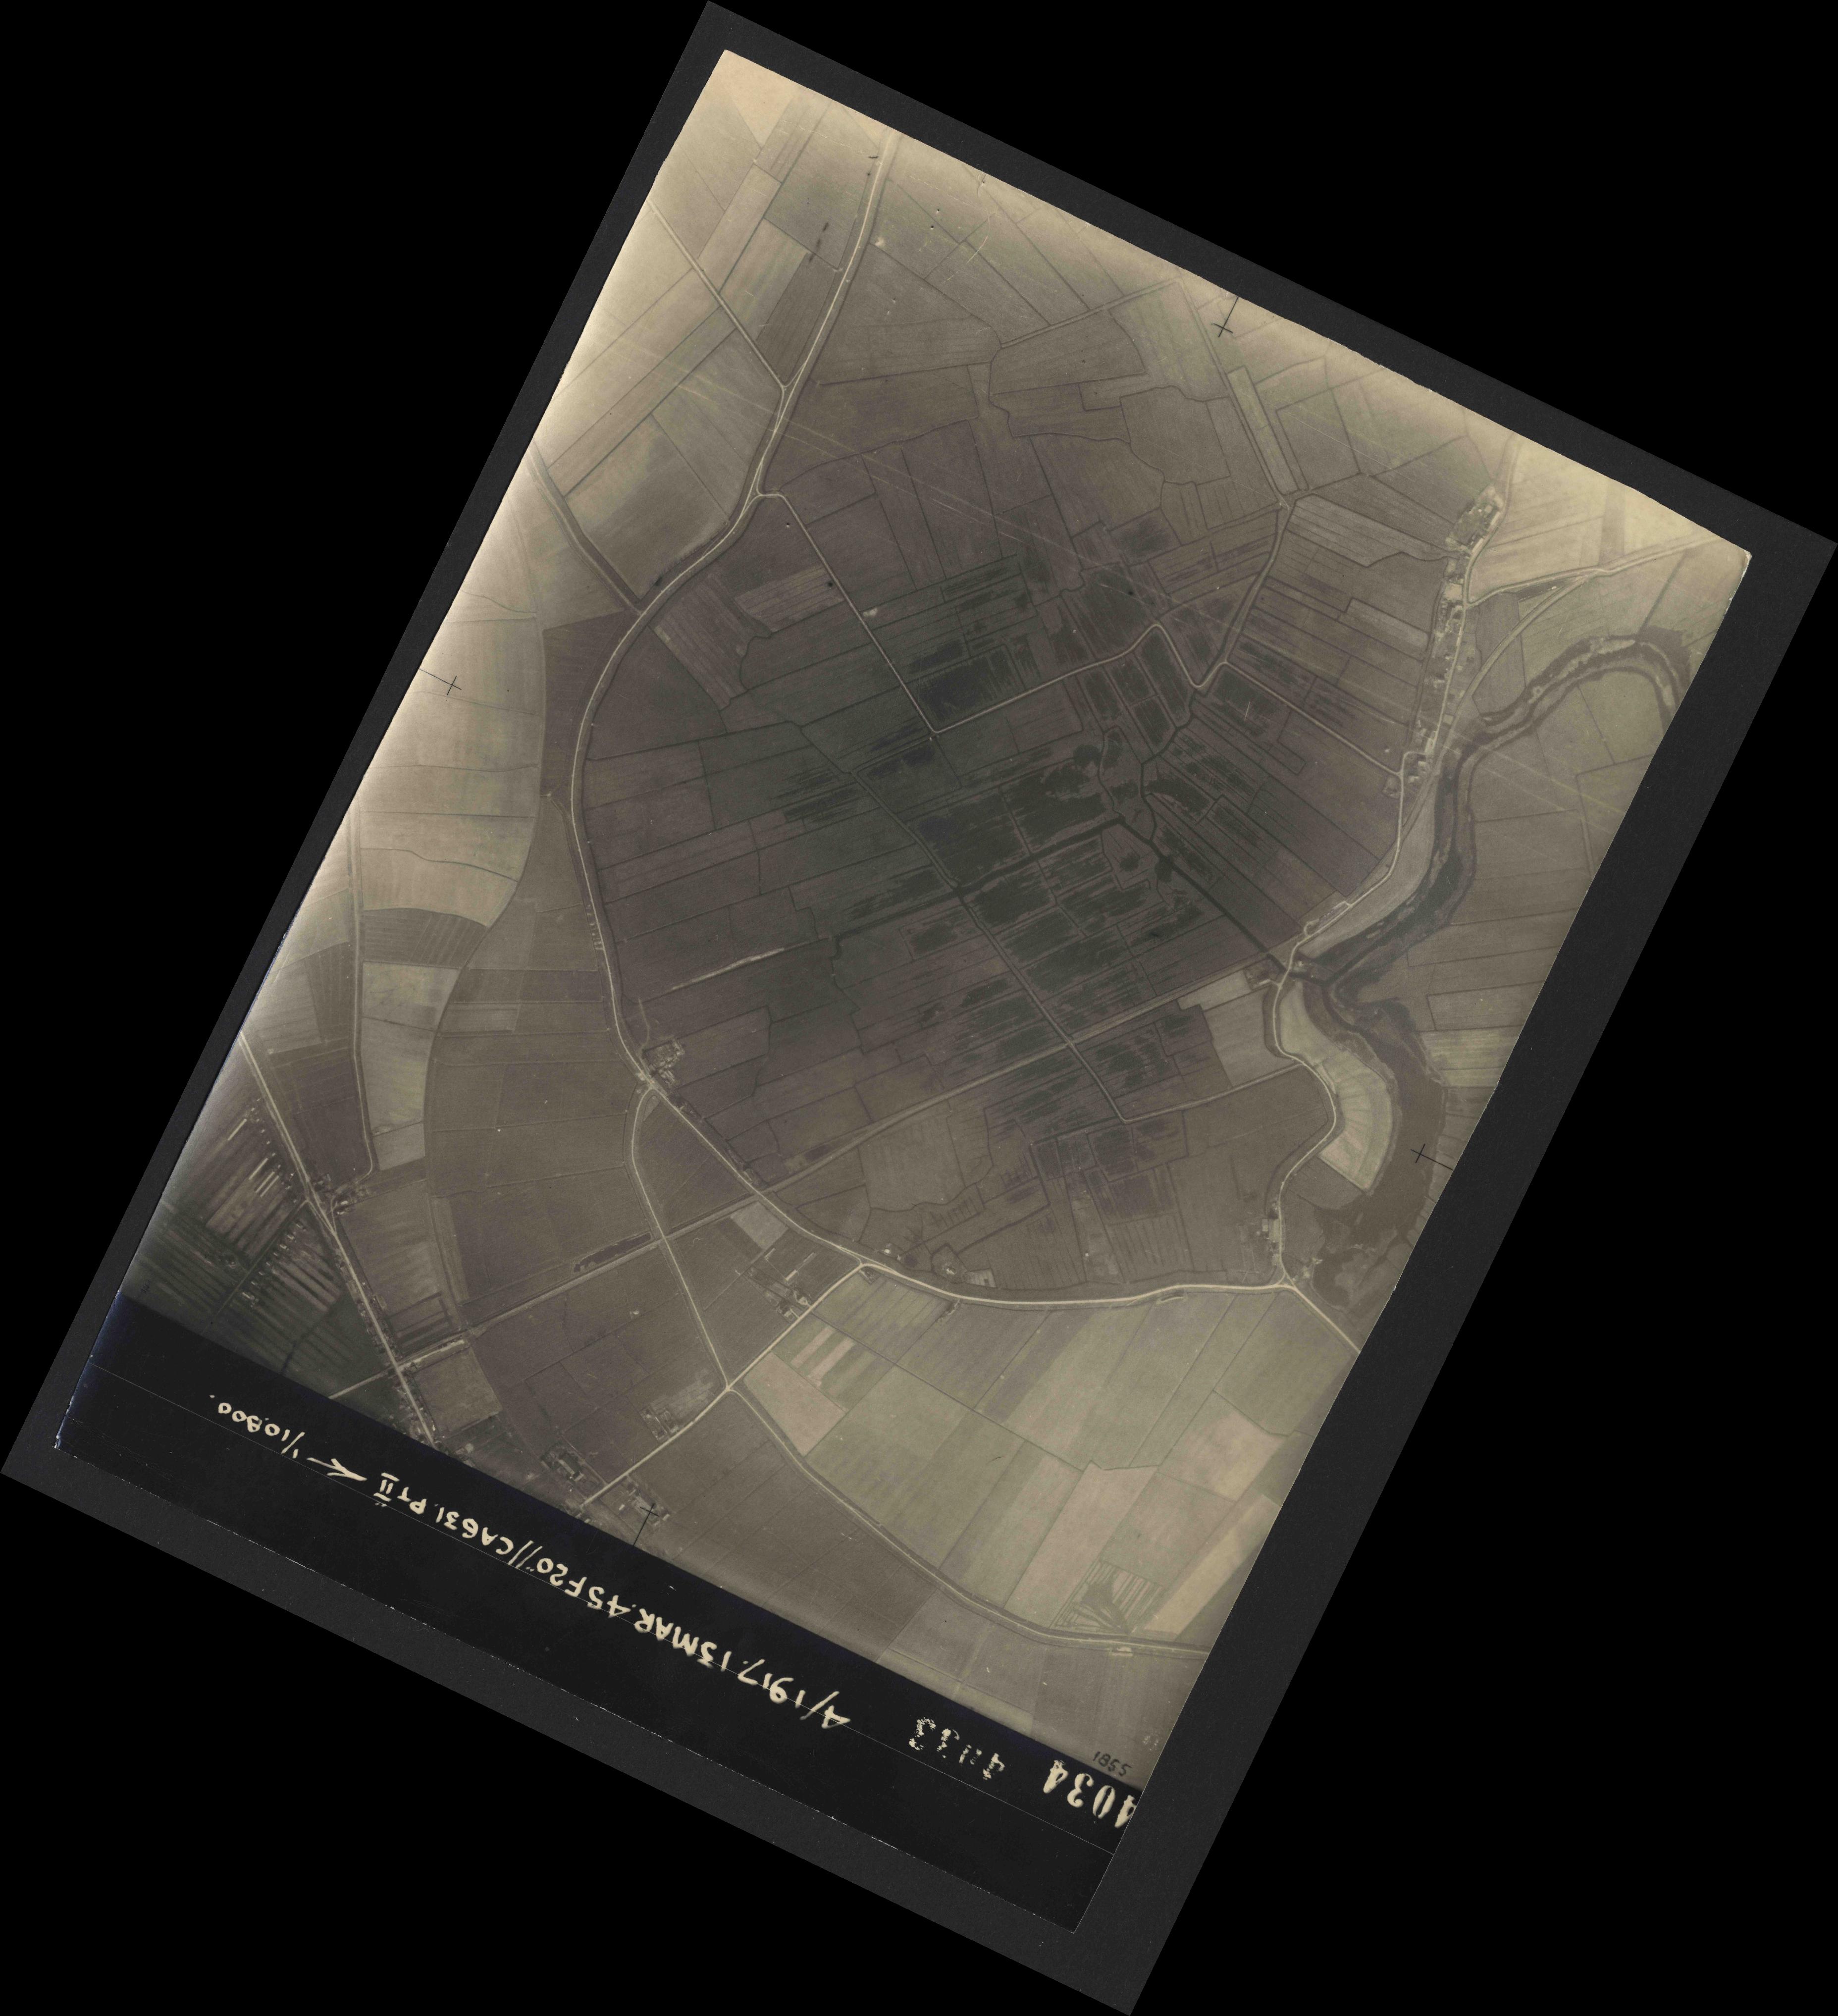 Collection RAF aerial photos 1940-1945 - flight 093, run 07, photo 4034